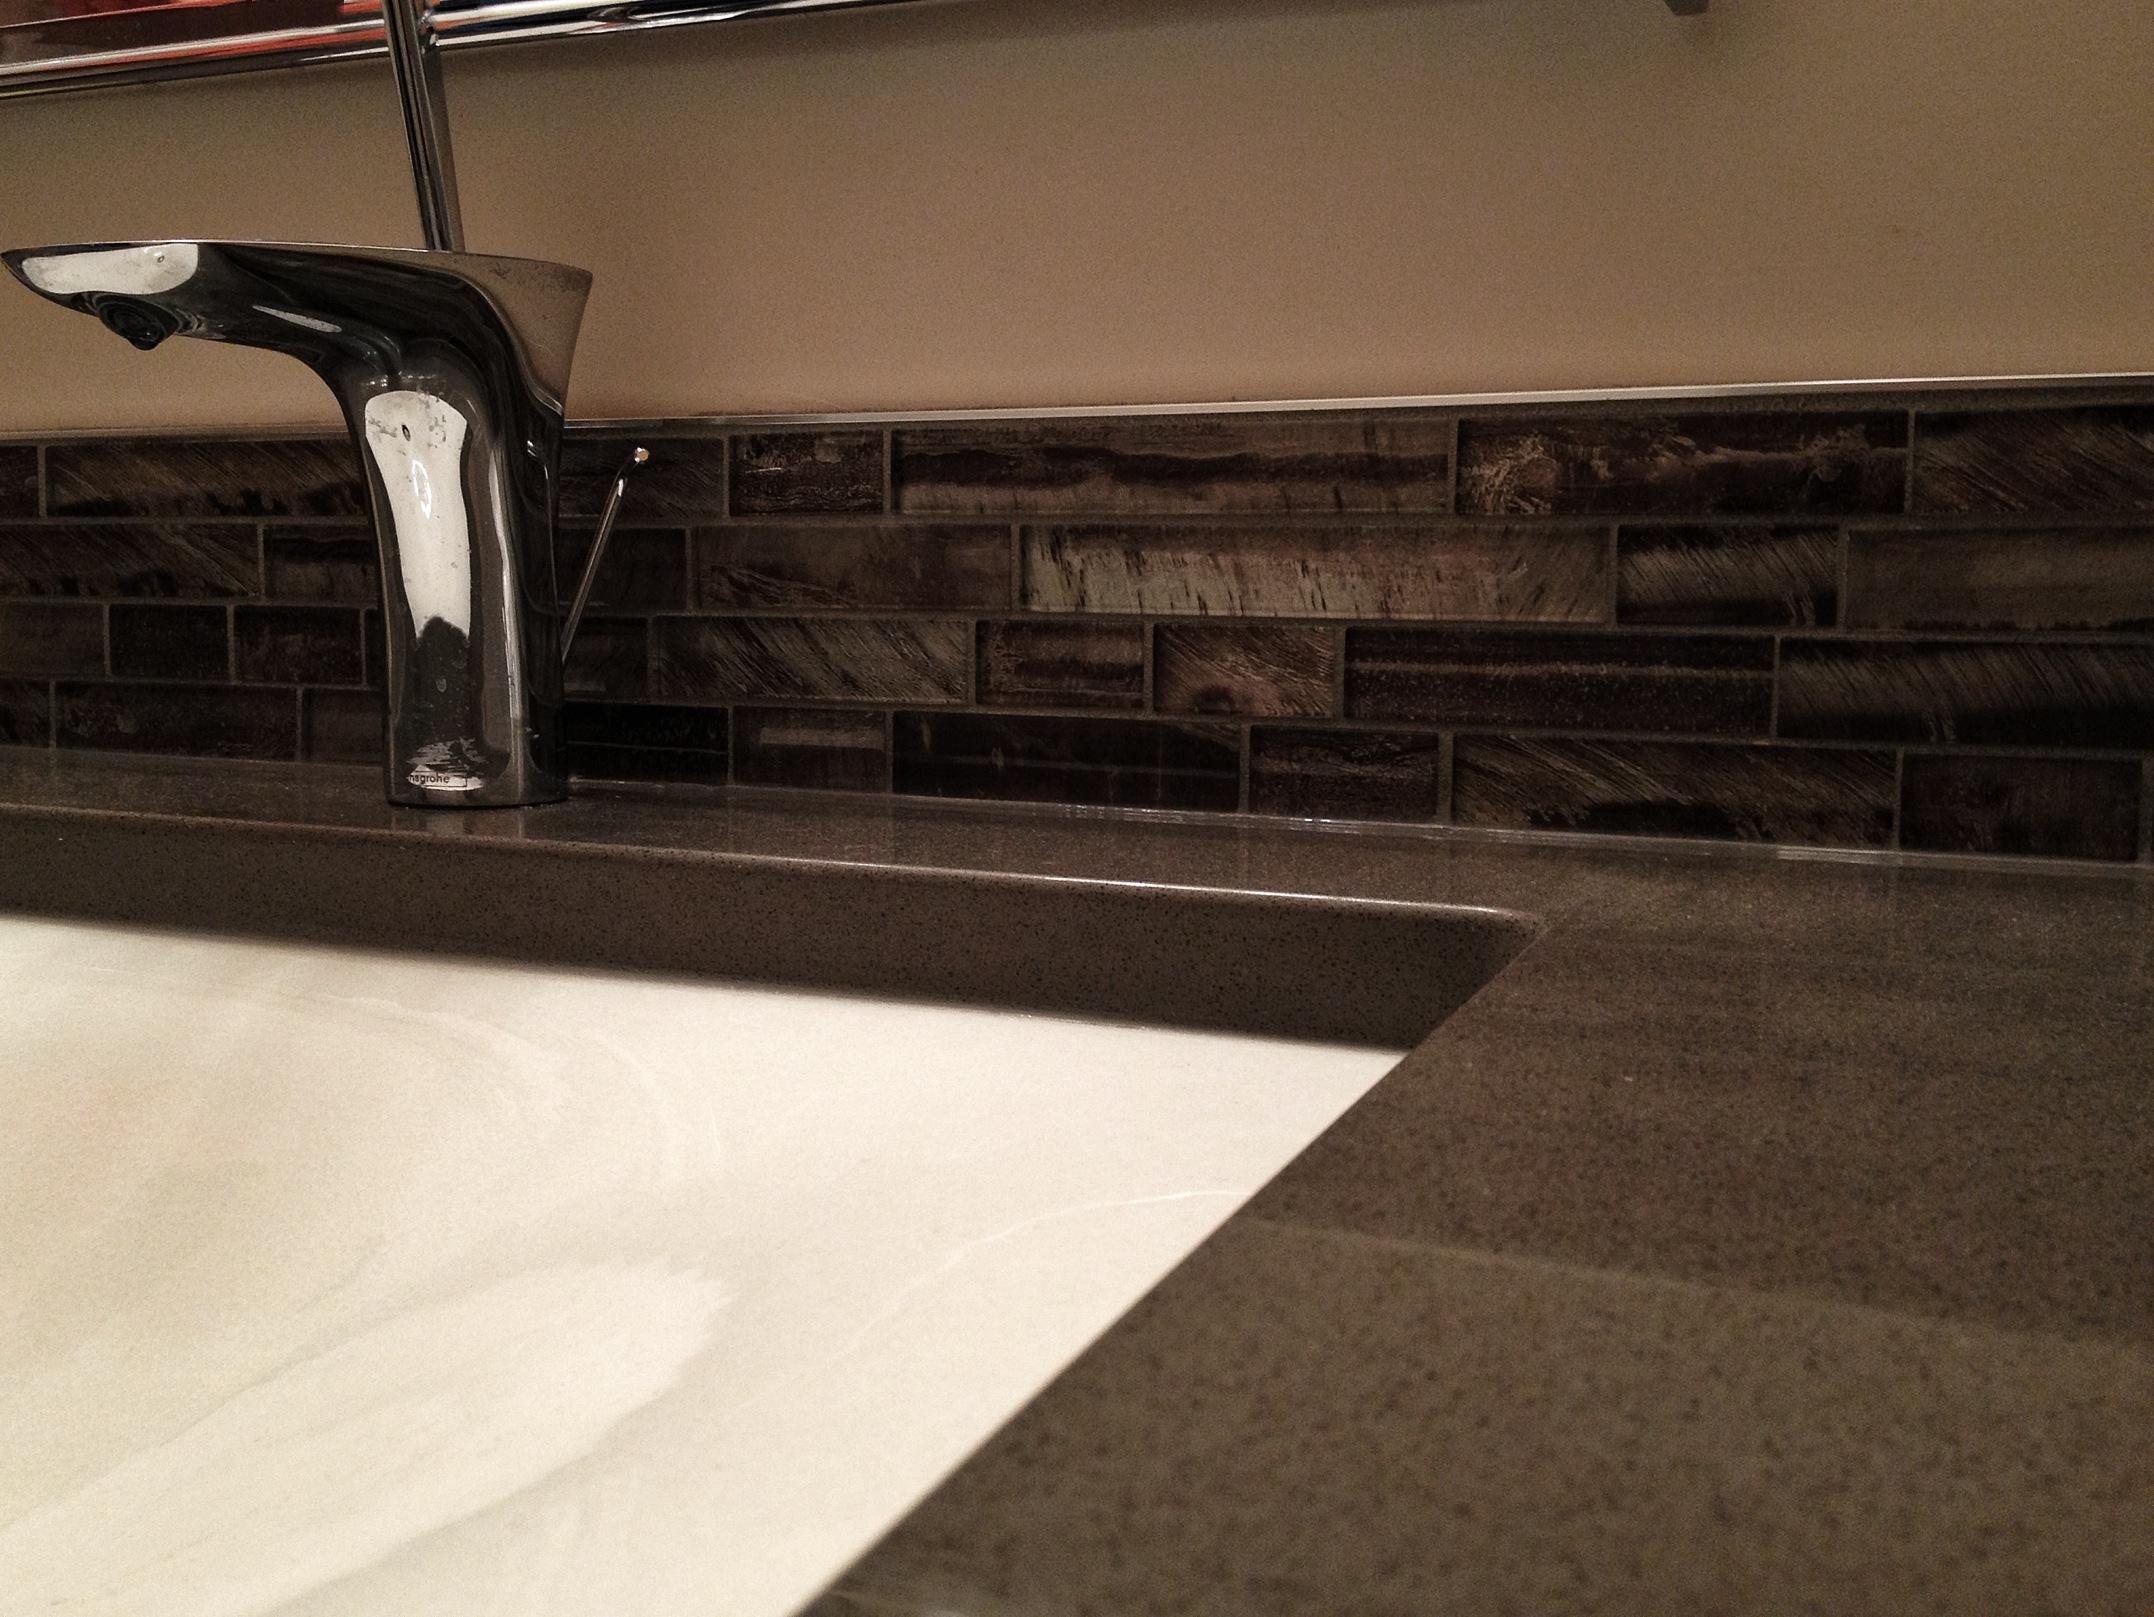 Quartz countertops, glass backsplash.